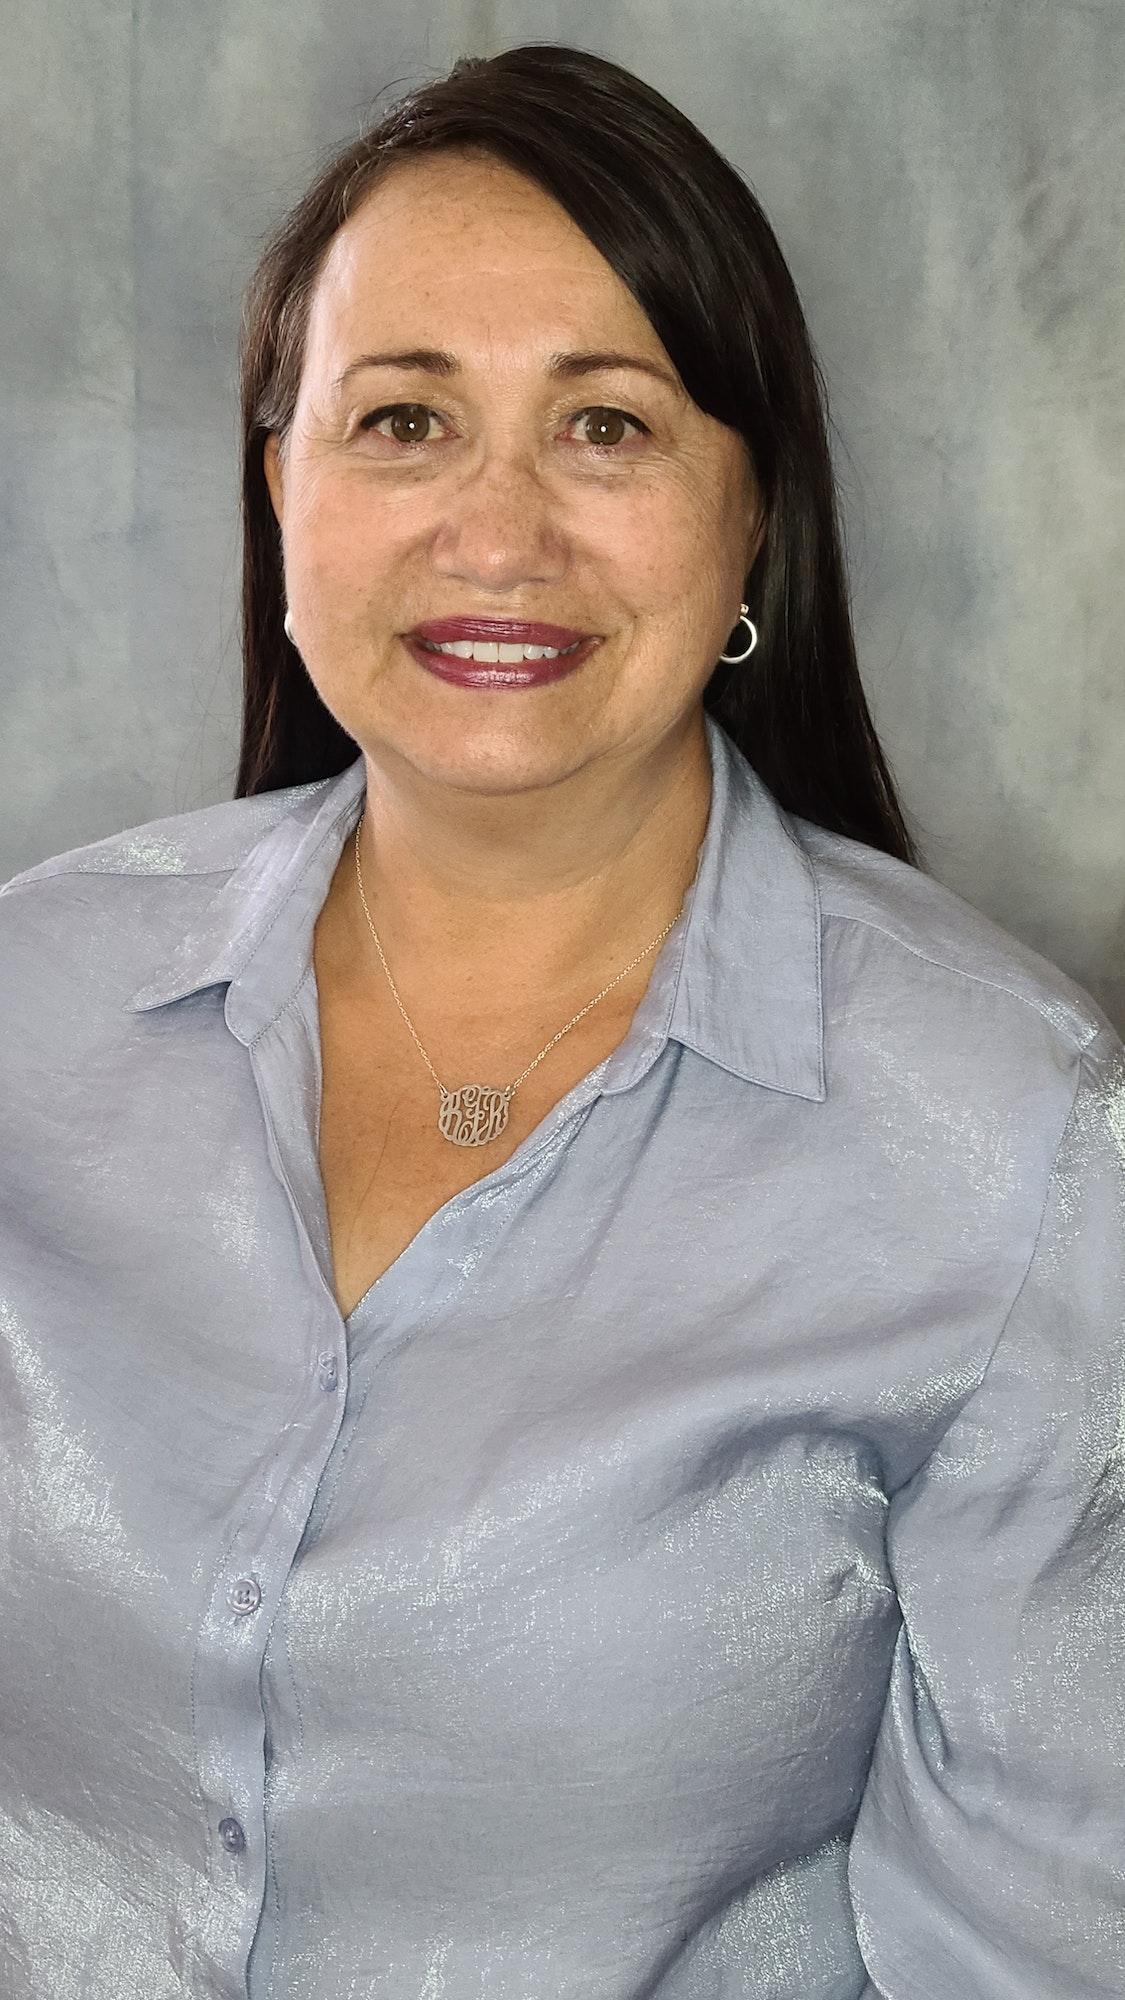 Karin Freese Hennings